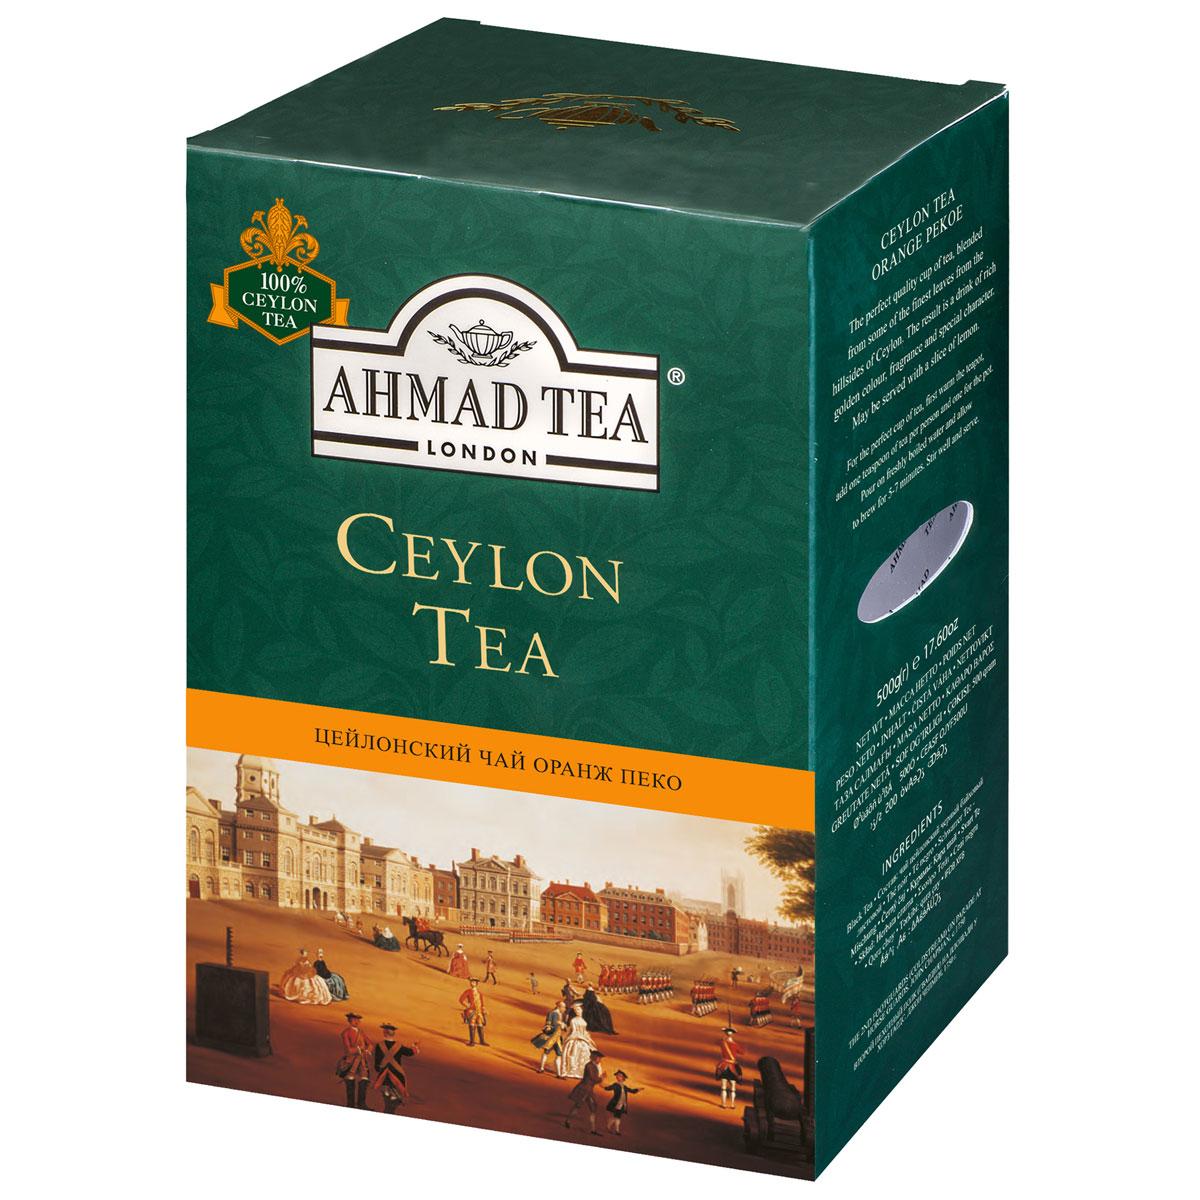 Ahmad Tea Ceylon Tea Orange Pekoe черный чай, 500 г4680016271364Ahmad Tea Ceylon Tea Orange Pekoe - черный байховый листовой чай, собранный в лучших высокогорных садах Цейлона. Напиток отличает богатство вкуса, аромата и чистый золотой настой.Уважаемые клиенты! Обращаем ваше внимание на то, что упаковка может иметь несколько видов дизайна. Поставка осуществляется в зависимости от наличия на складе.